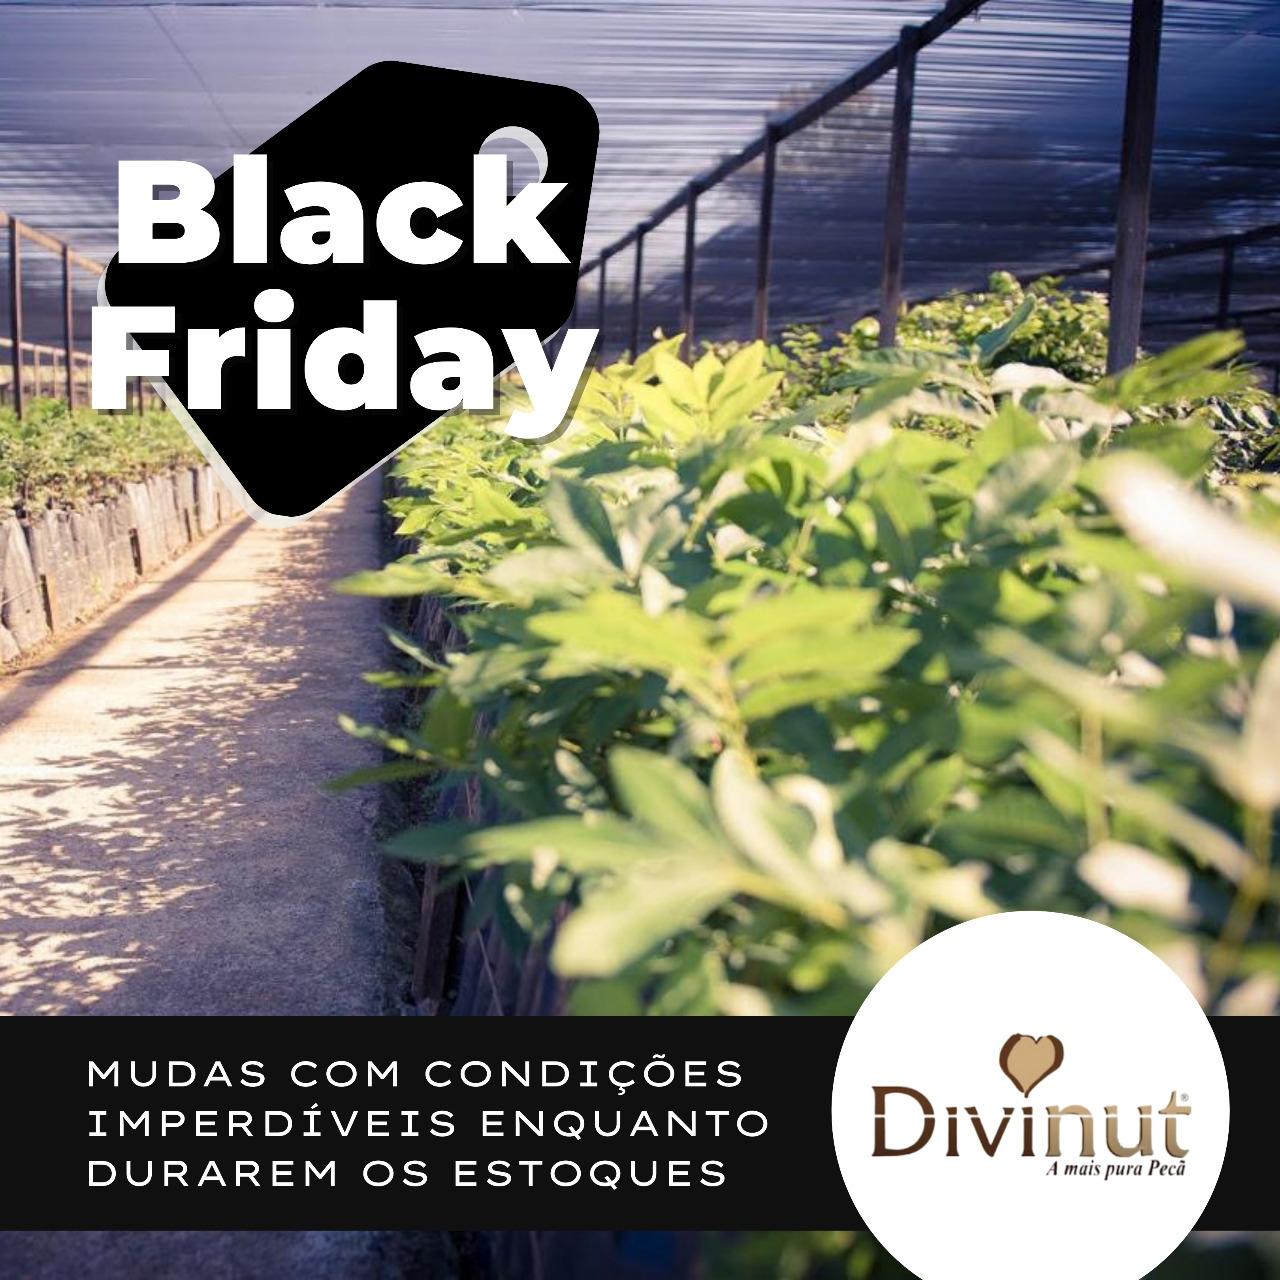 Black Friday Divinut 2020